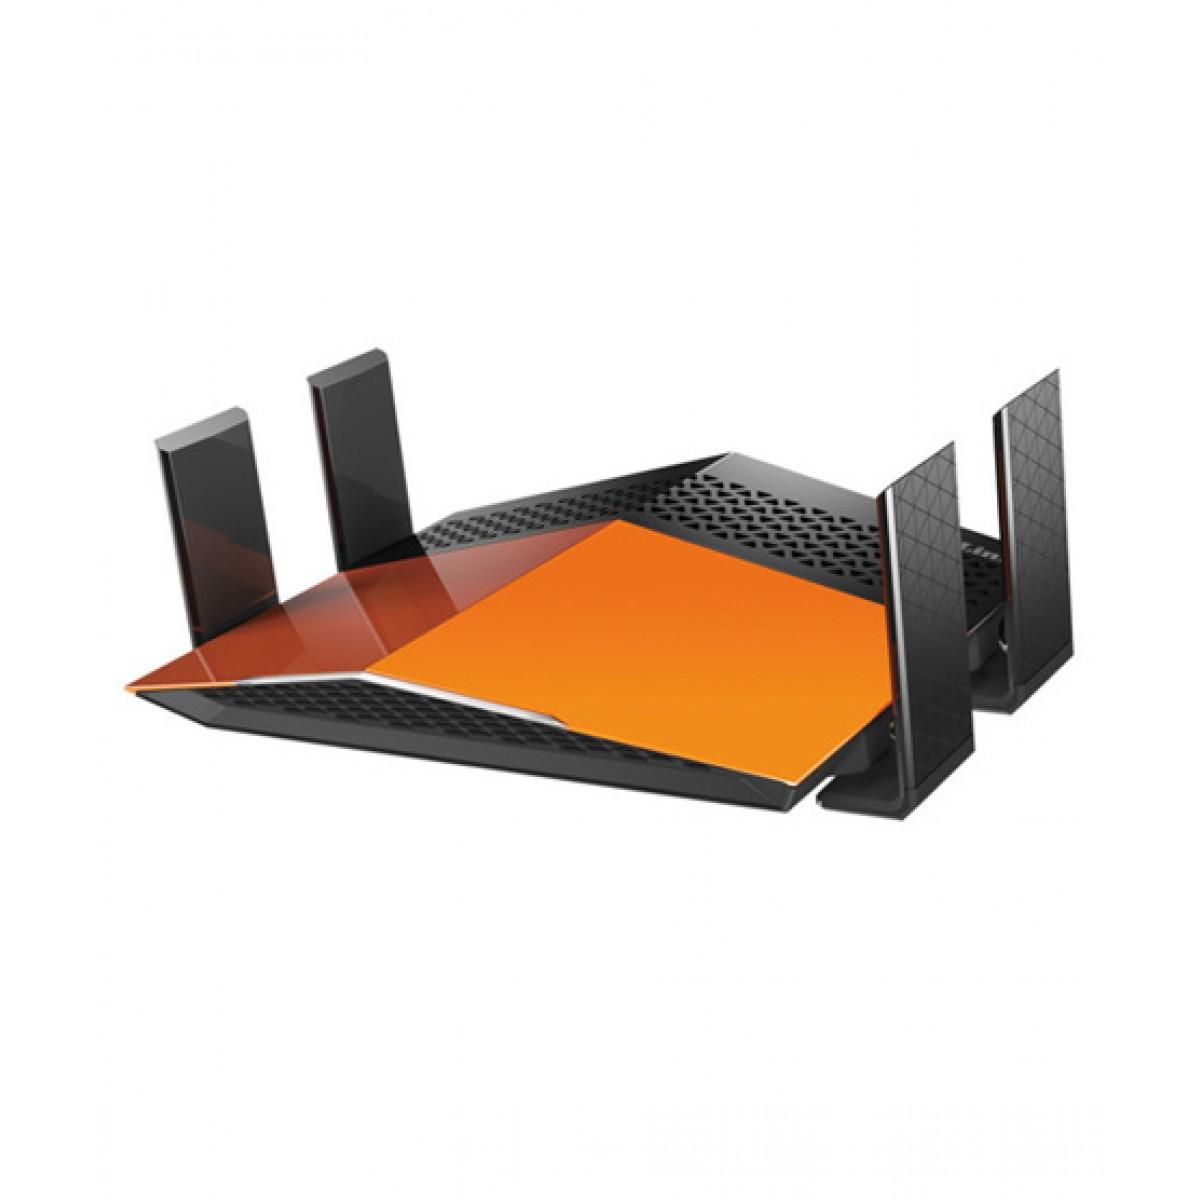 D-Link Dual-Band Wireless-AC1900 Gigabit Router (DIR-879)